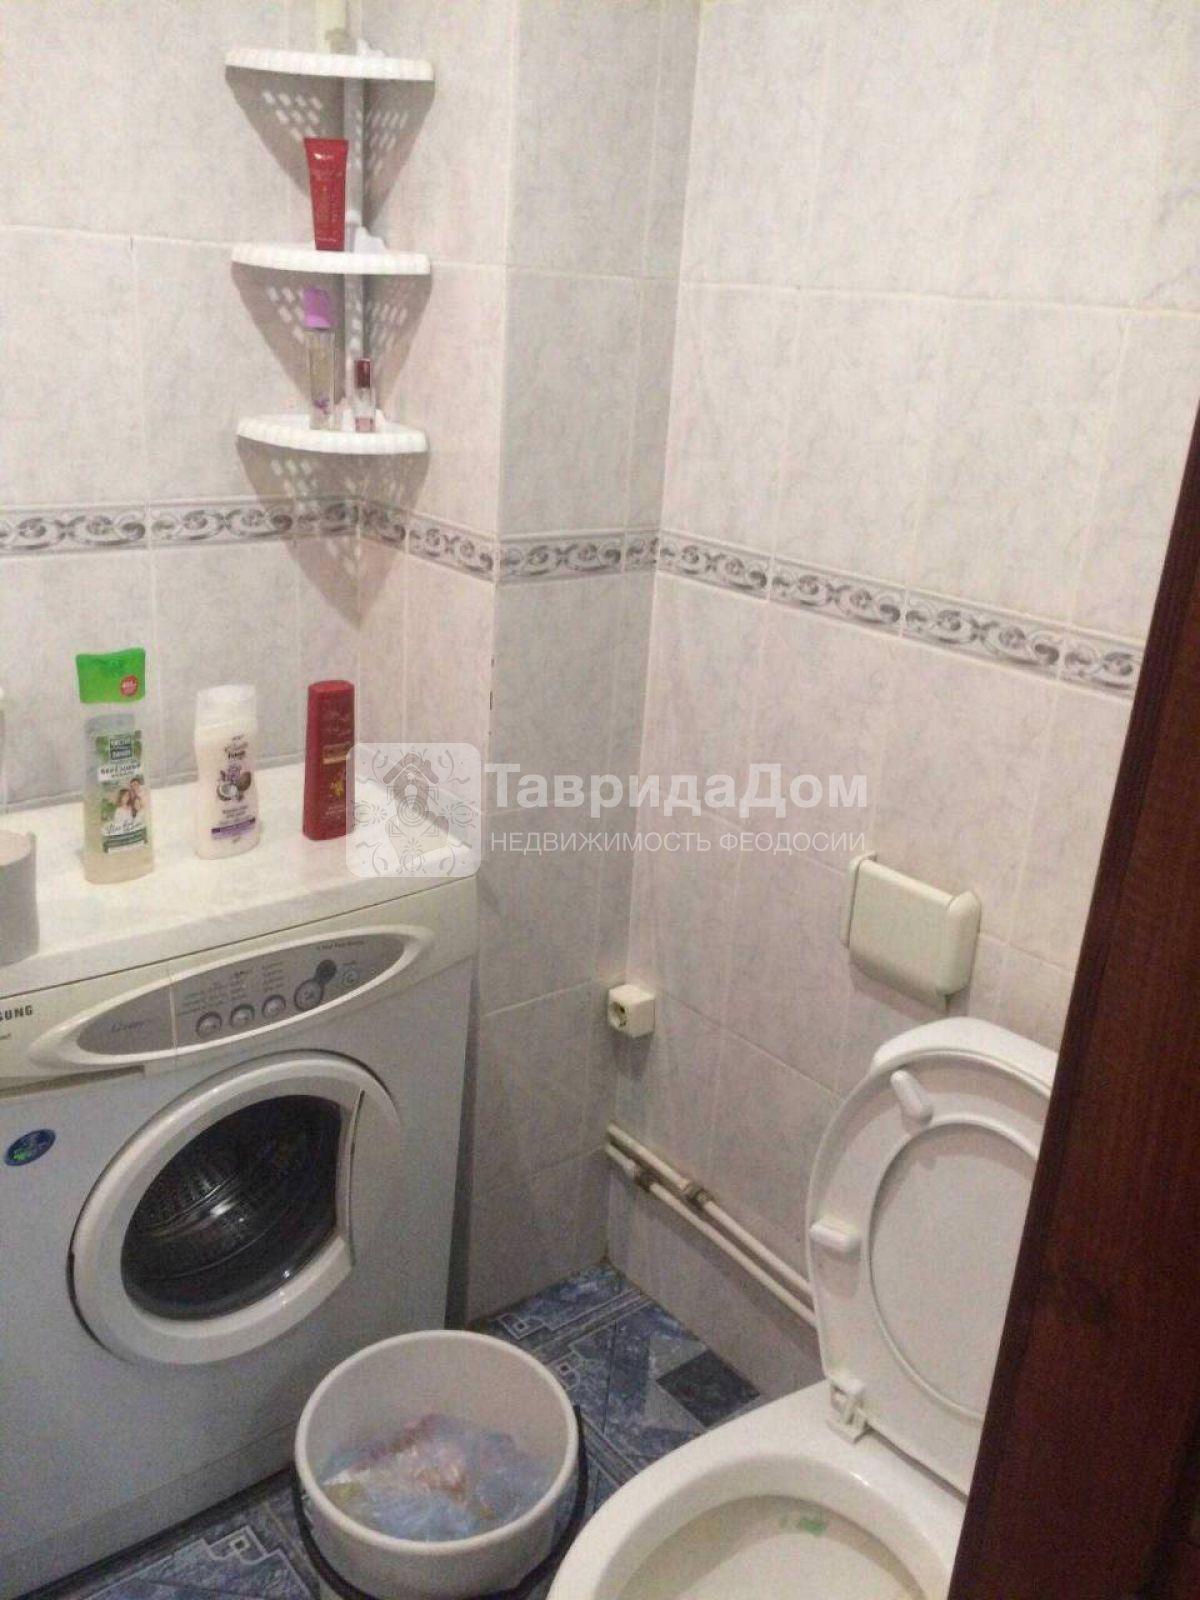 Недвижимость Киров